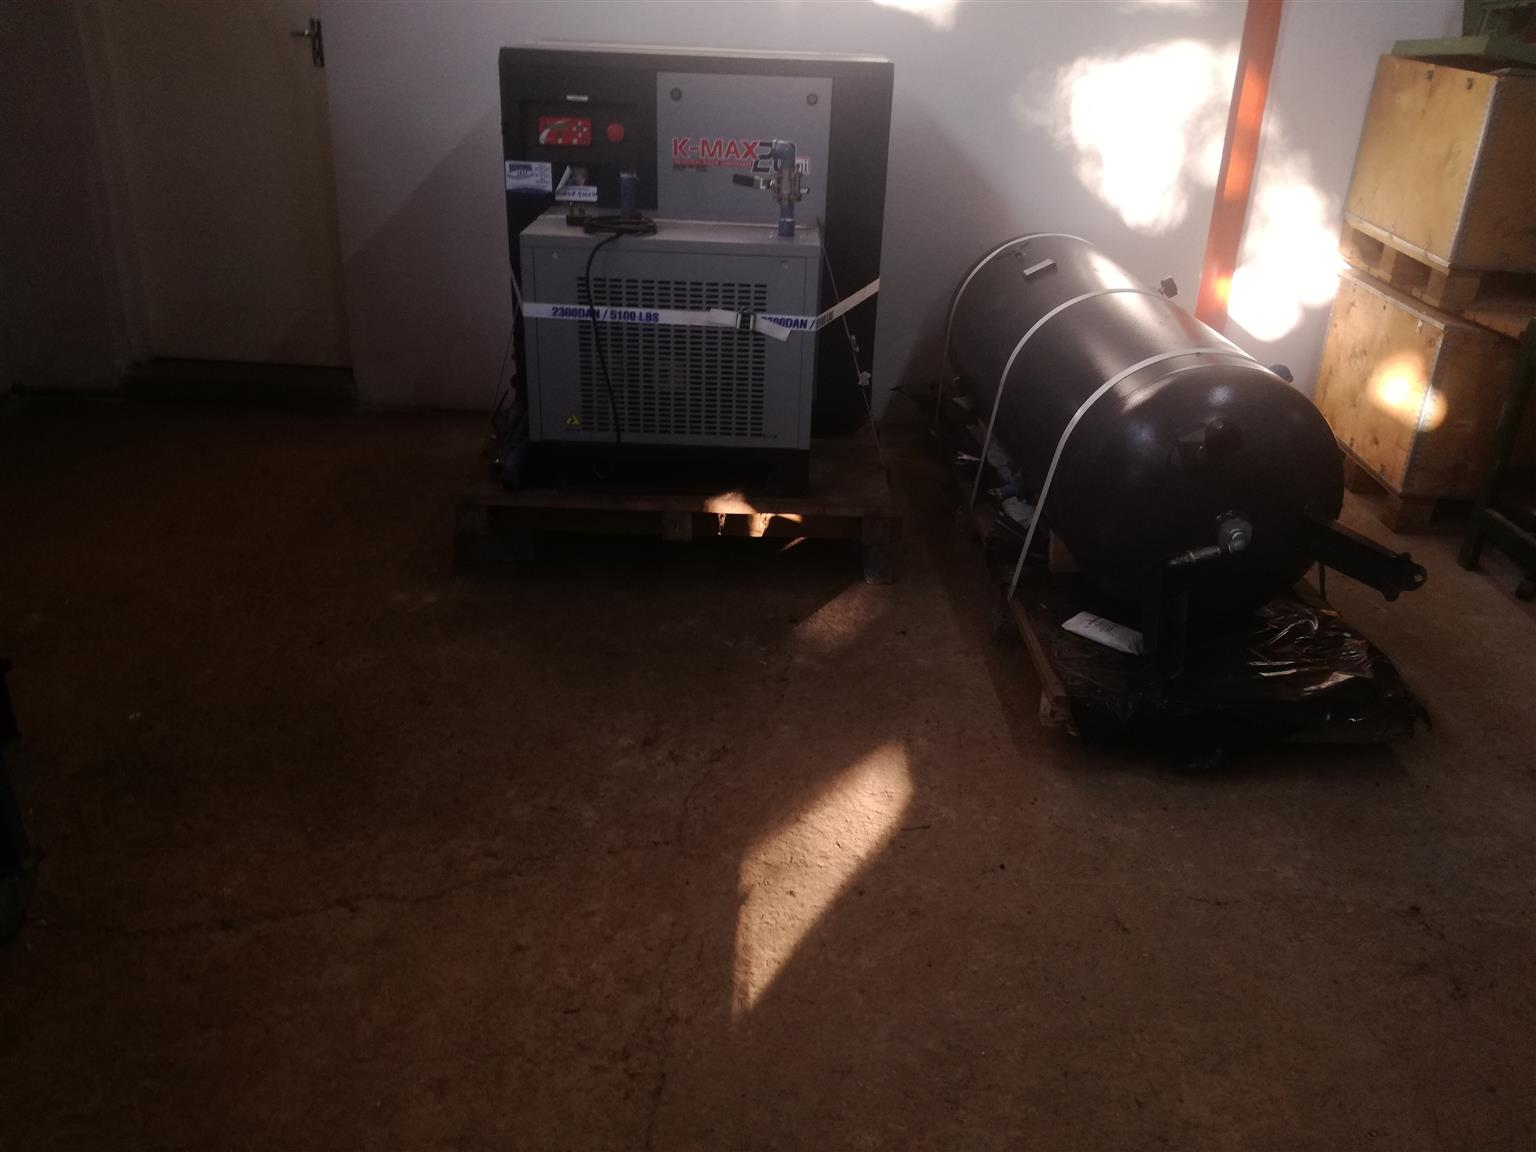 Fini K - Max20, 10 Bar Air Compressor